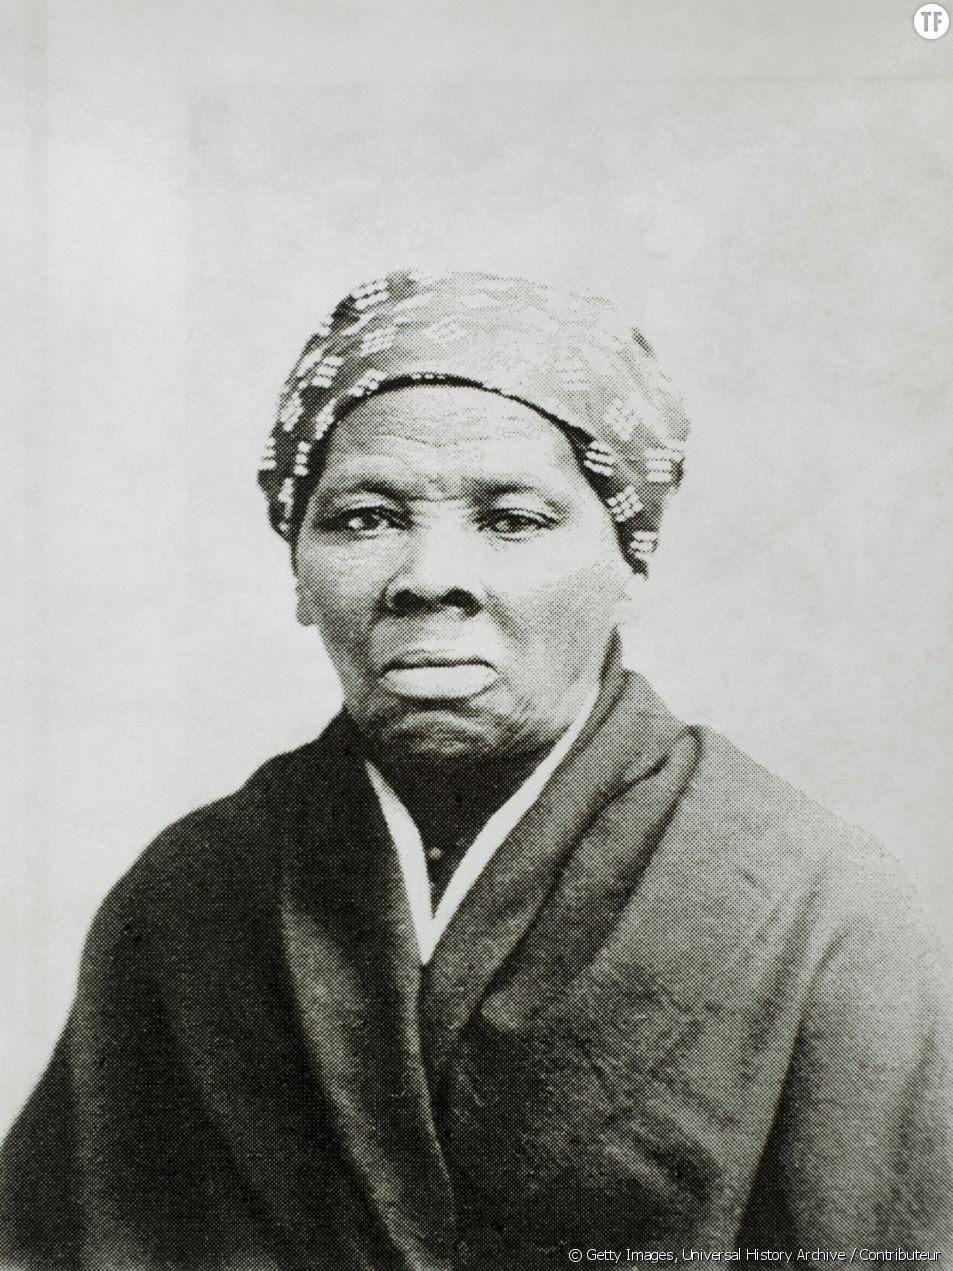 Un portrait d'Harriet Tubman